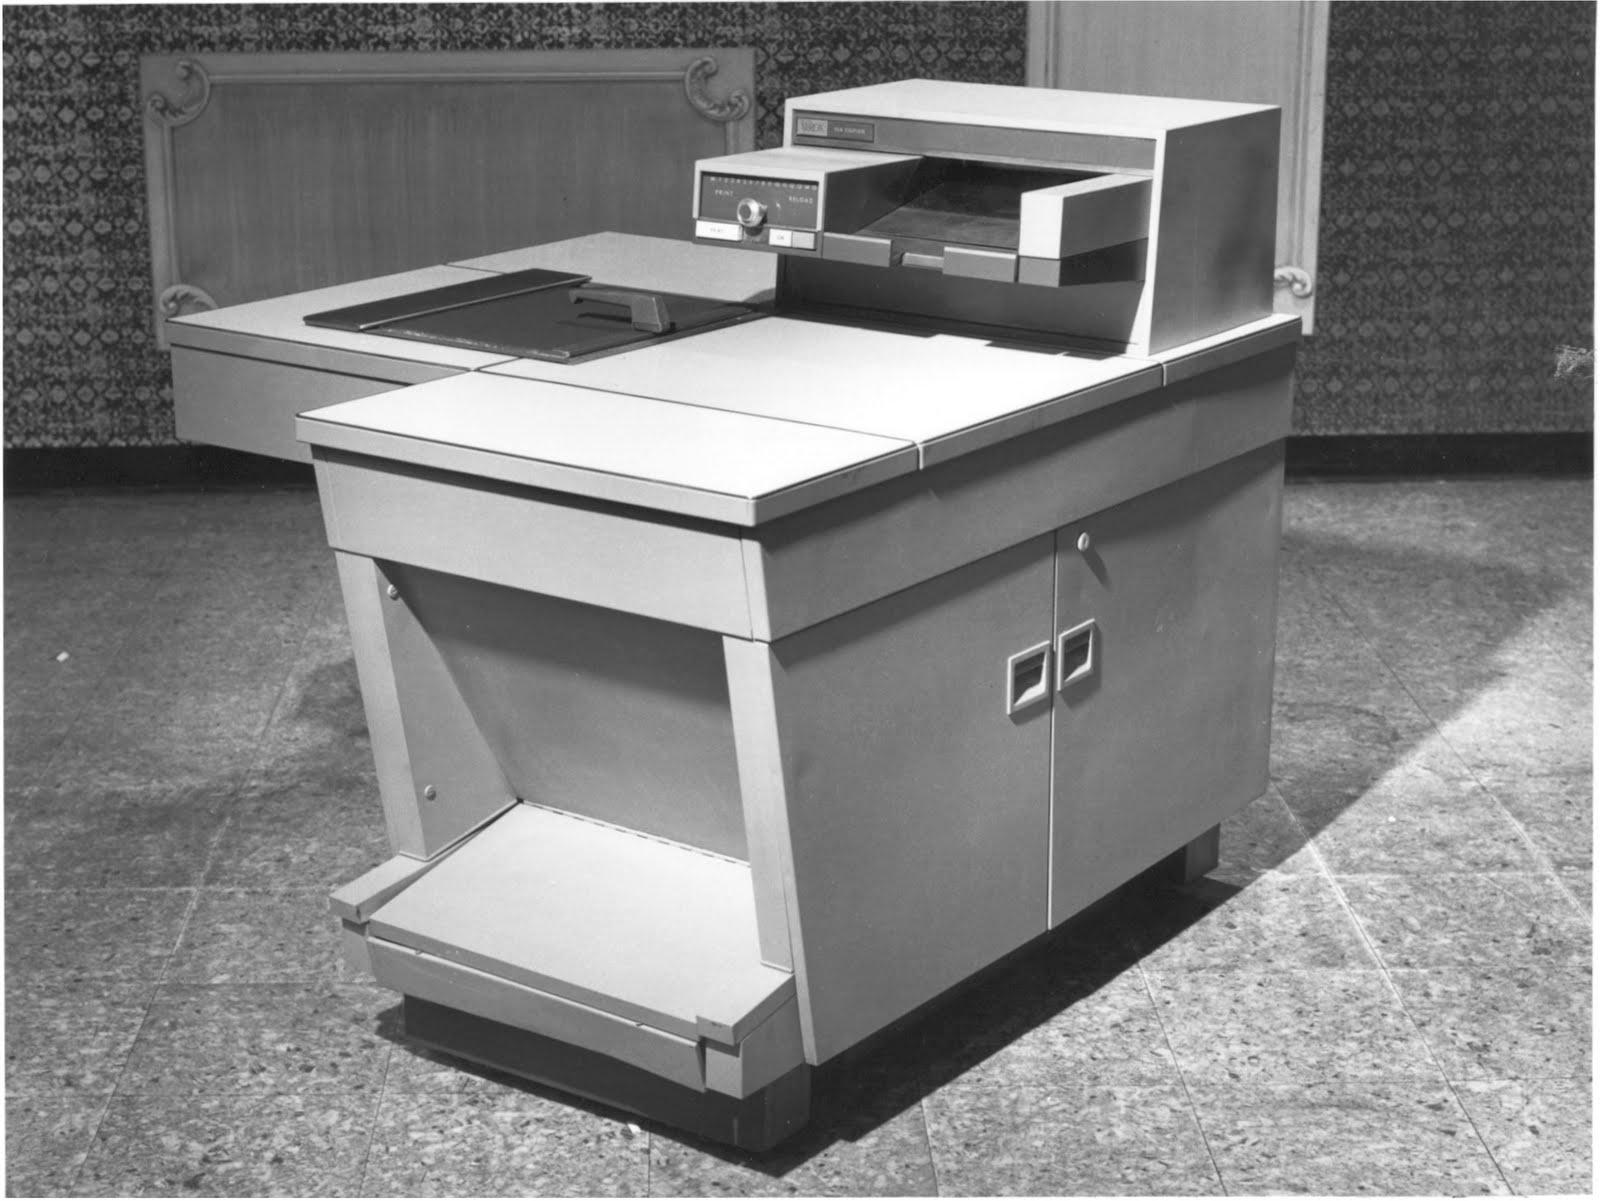 Копировальный аппарат Xerox 914